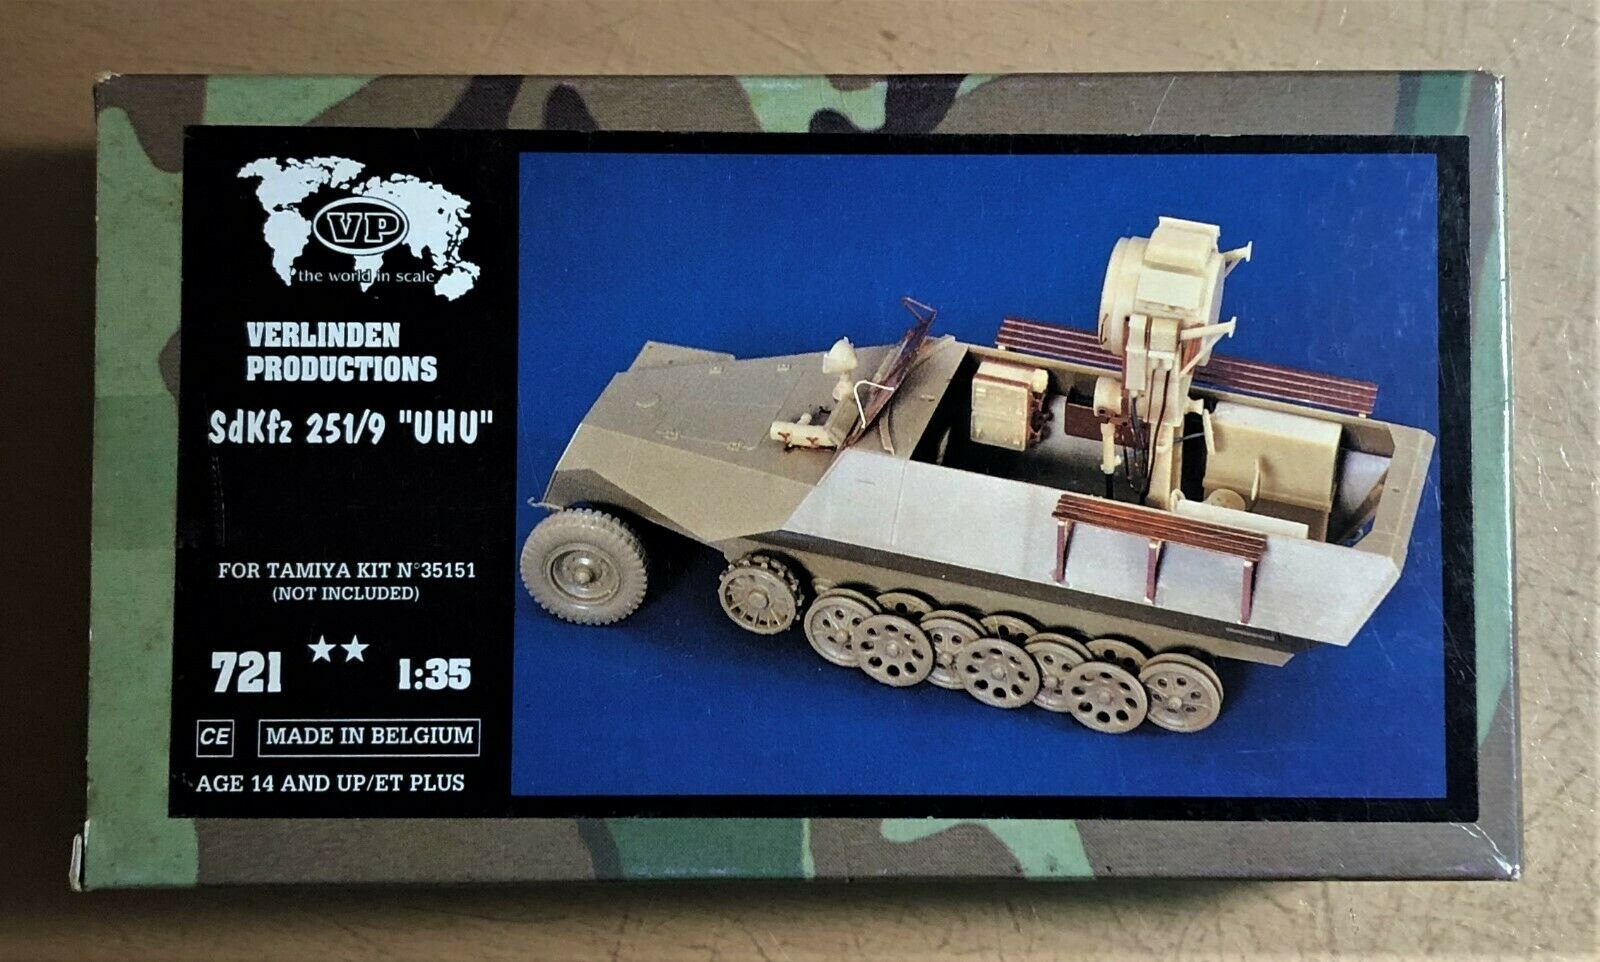 VERLINDEN 721 - SdKfz 251/9